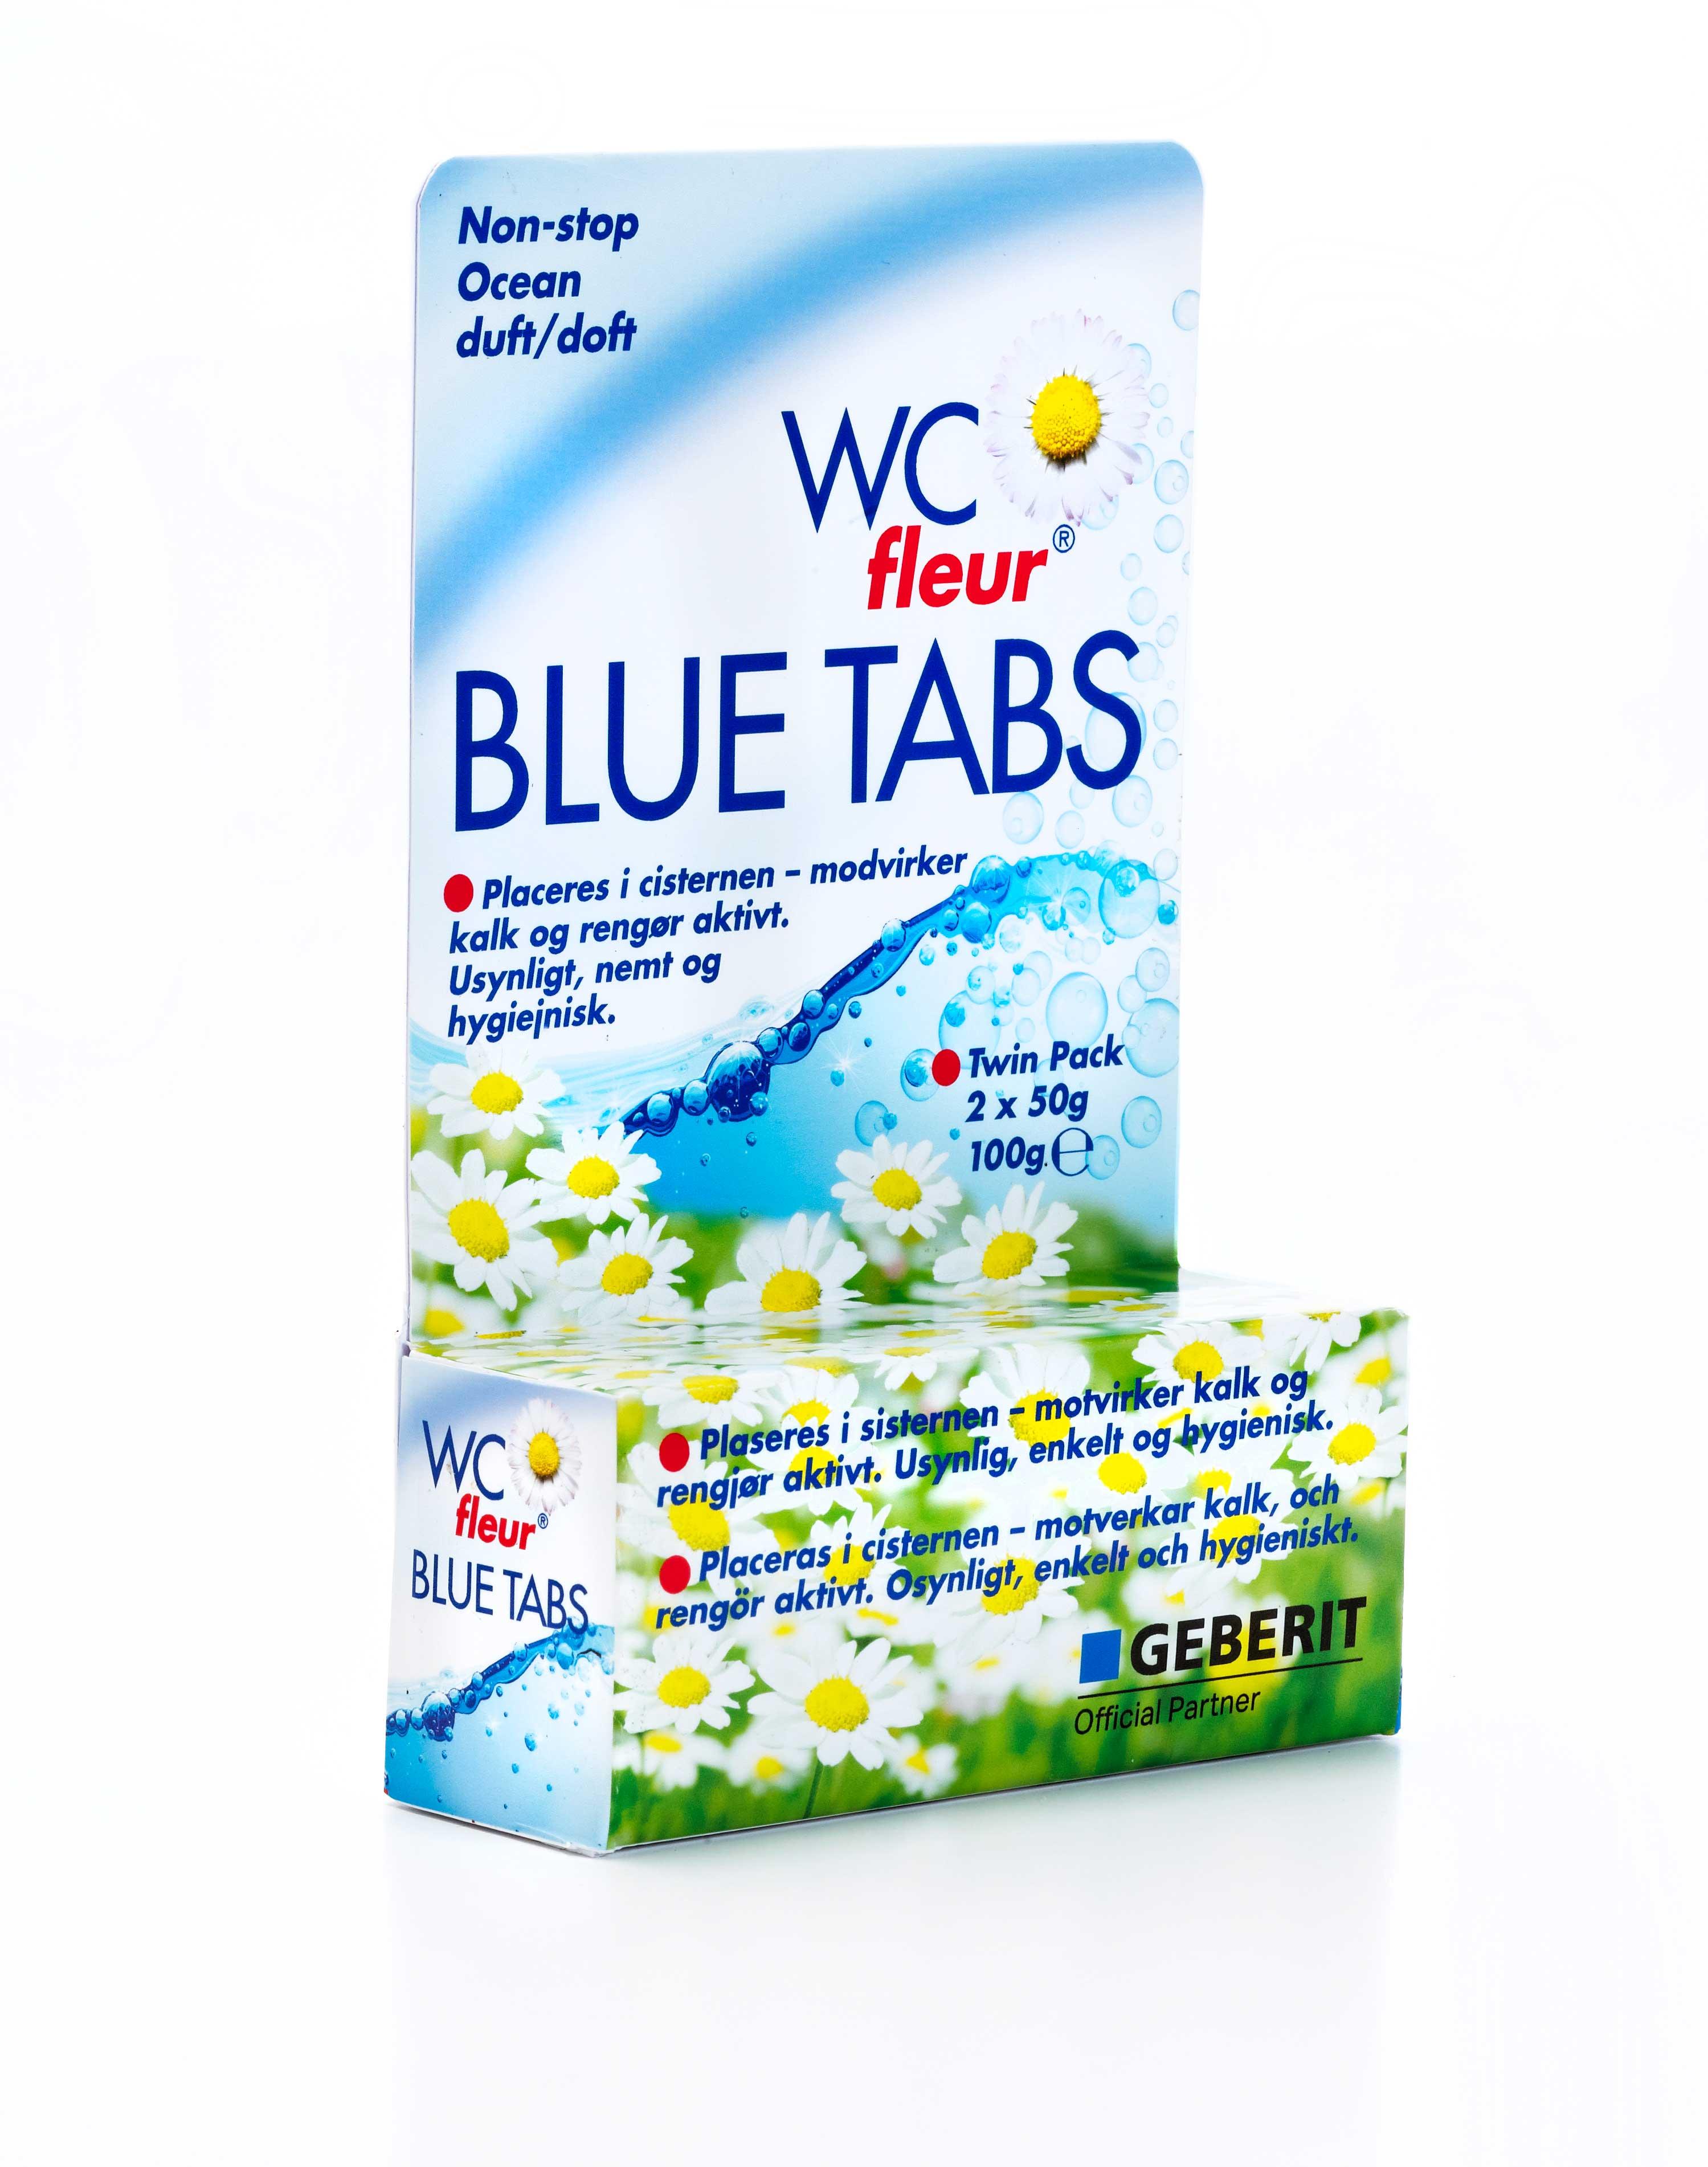 WC fleur Blue Tabs Packaging Design – Buck Chemie